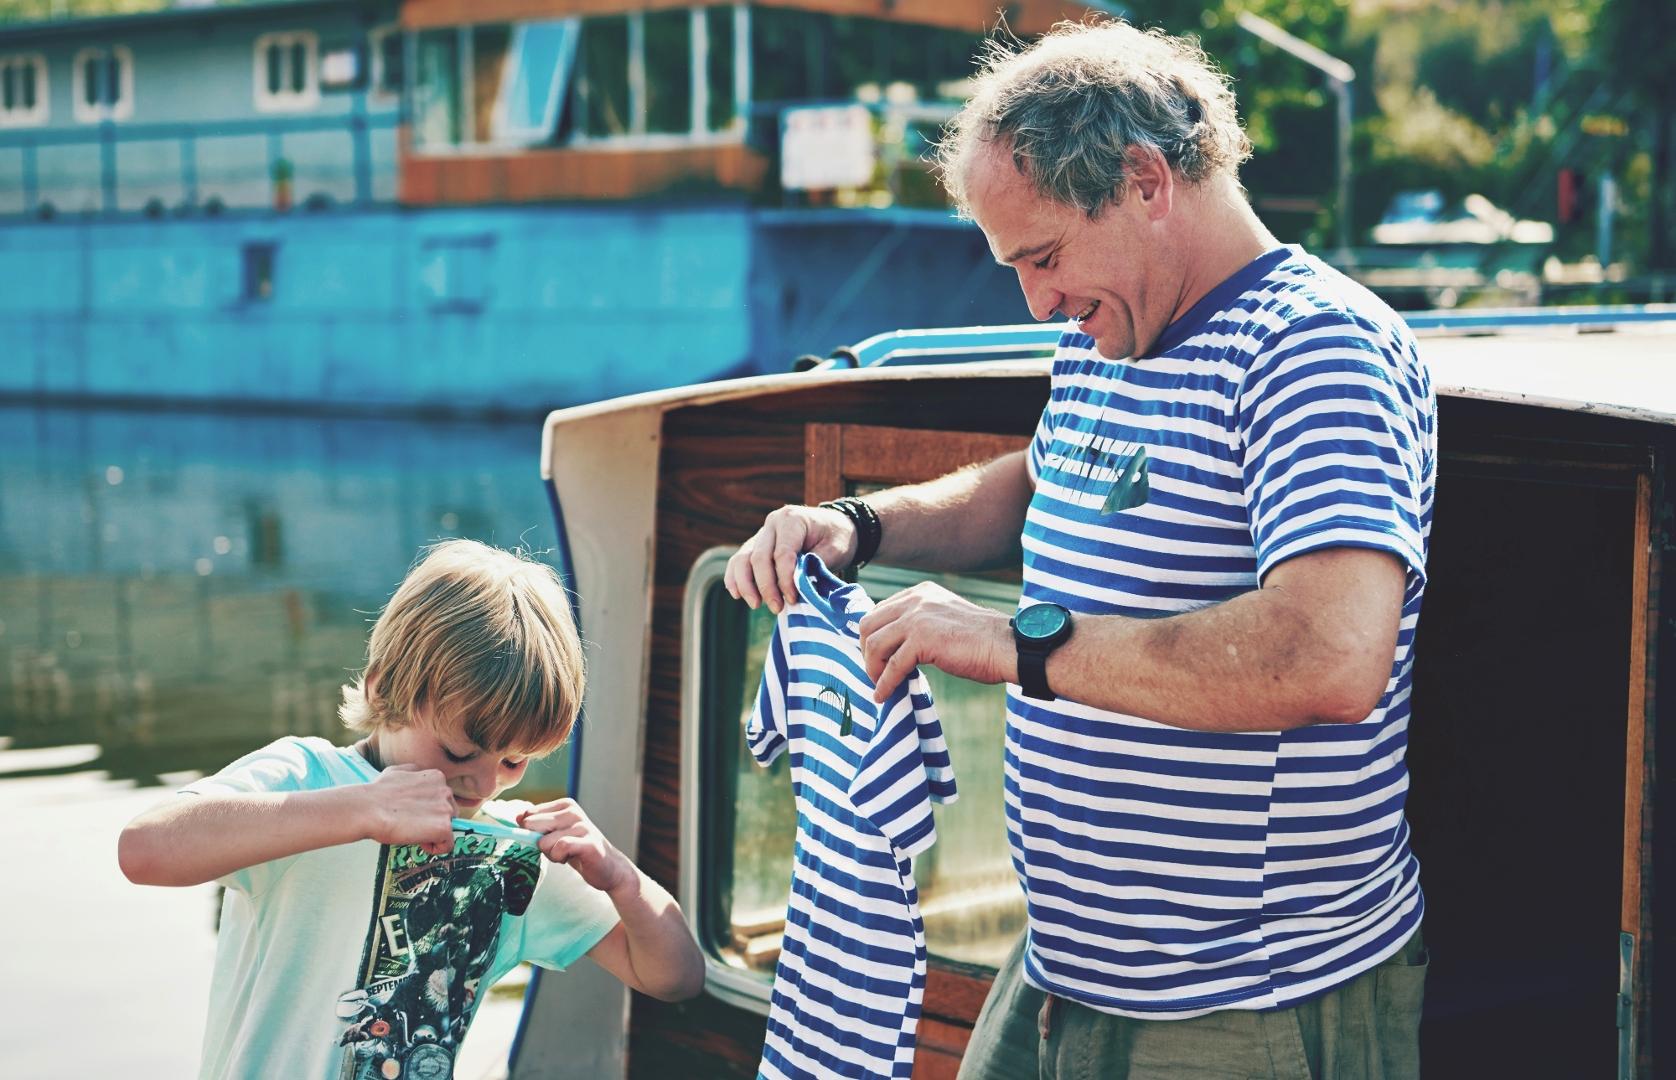 Ryby datování uk zdarma